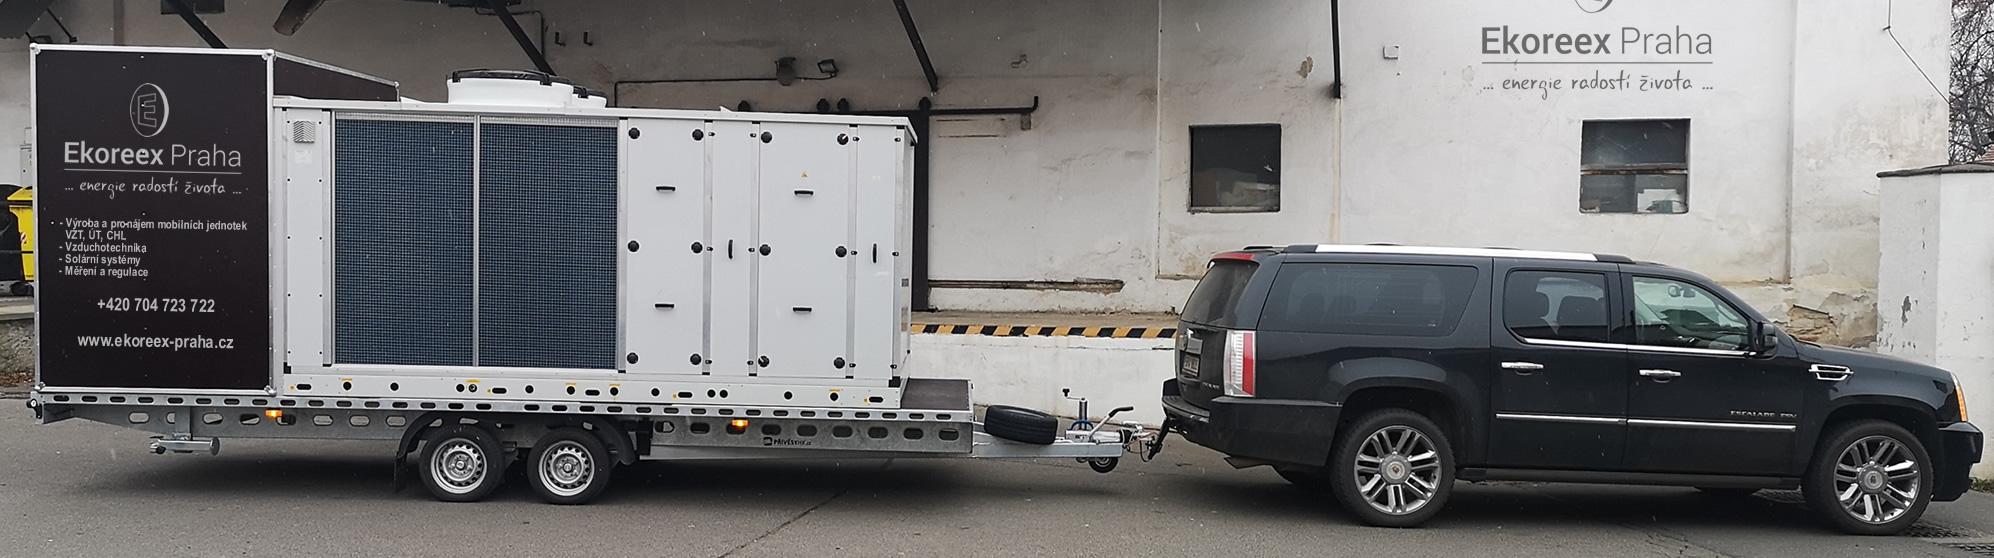 Výroba a pronájem mobilních jednotek VZT, ÚT, CHL